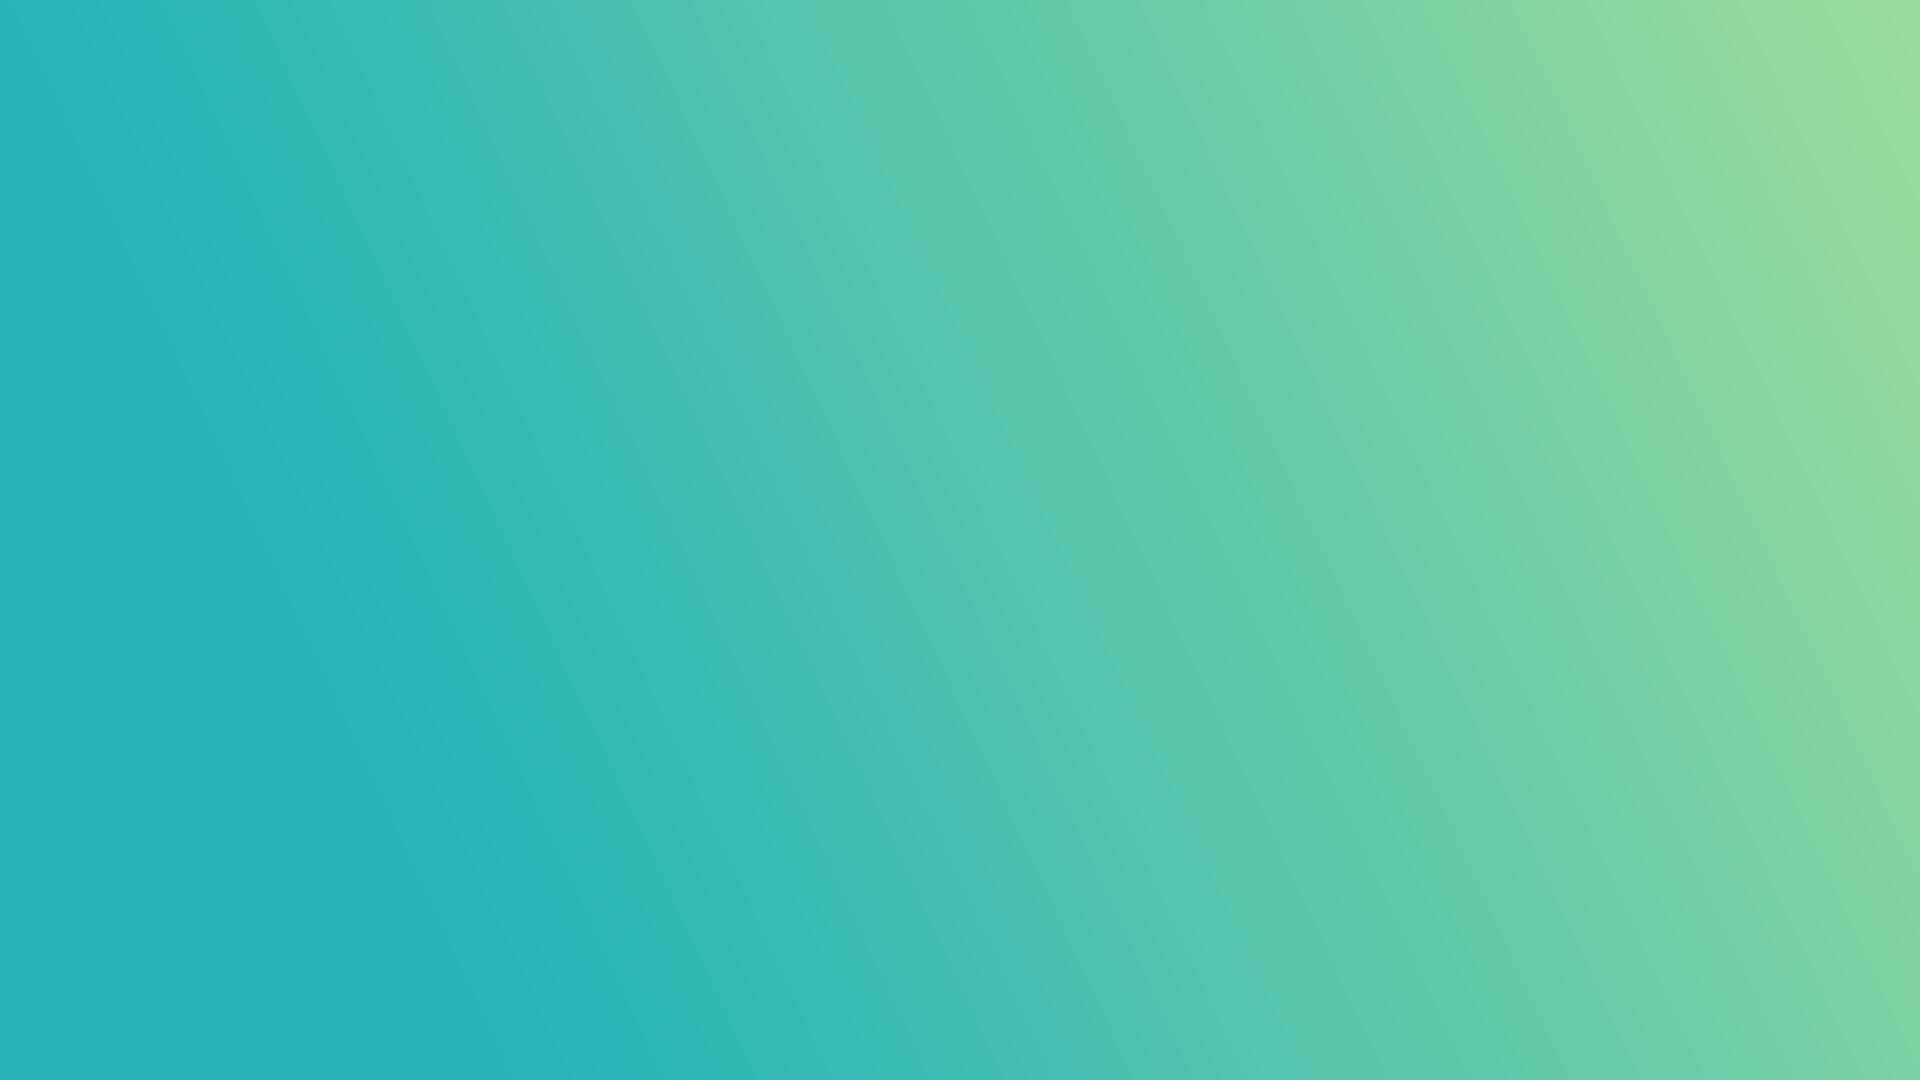 Background_degradé_bleu_vert